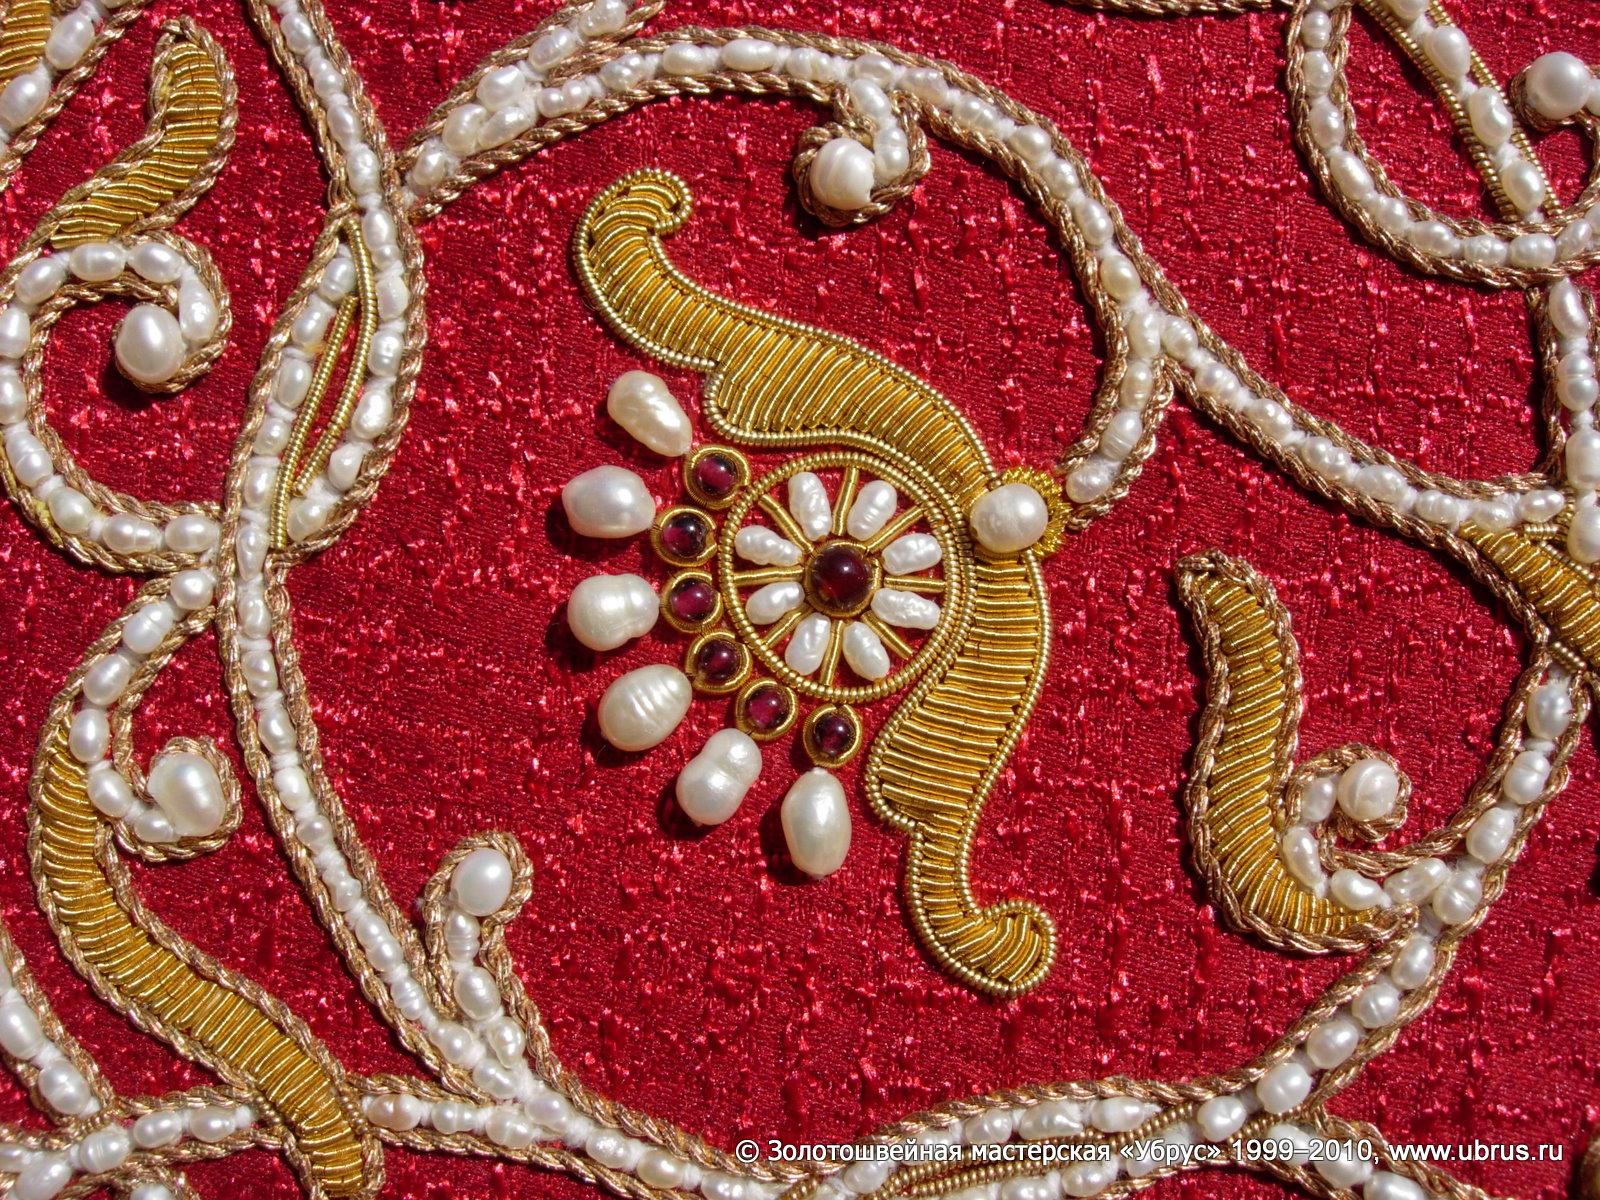 Вышивка серебряными нитями